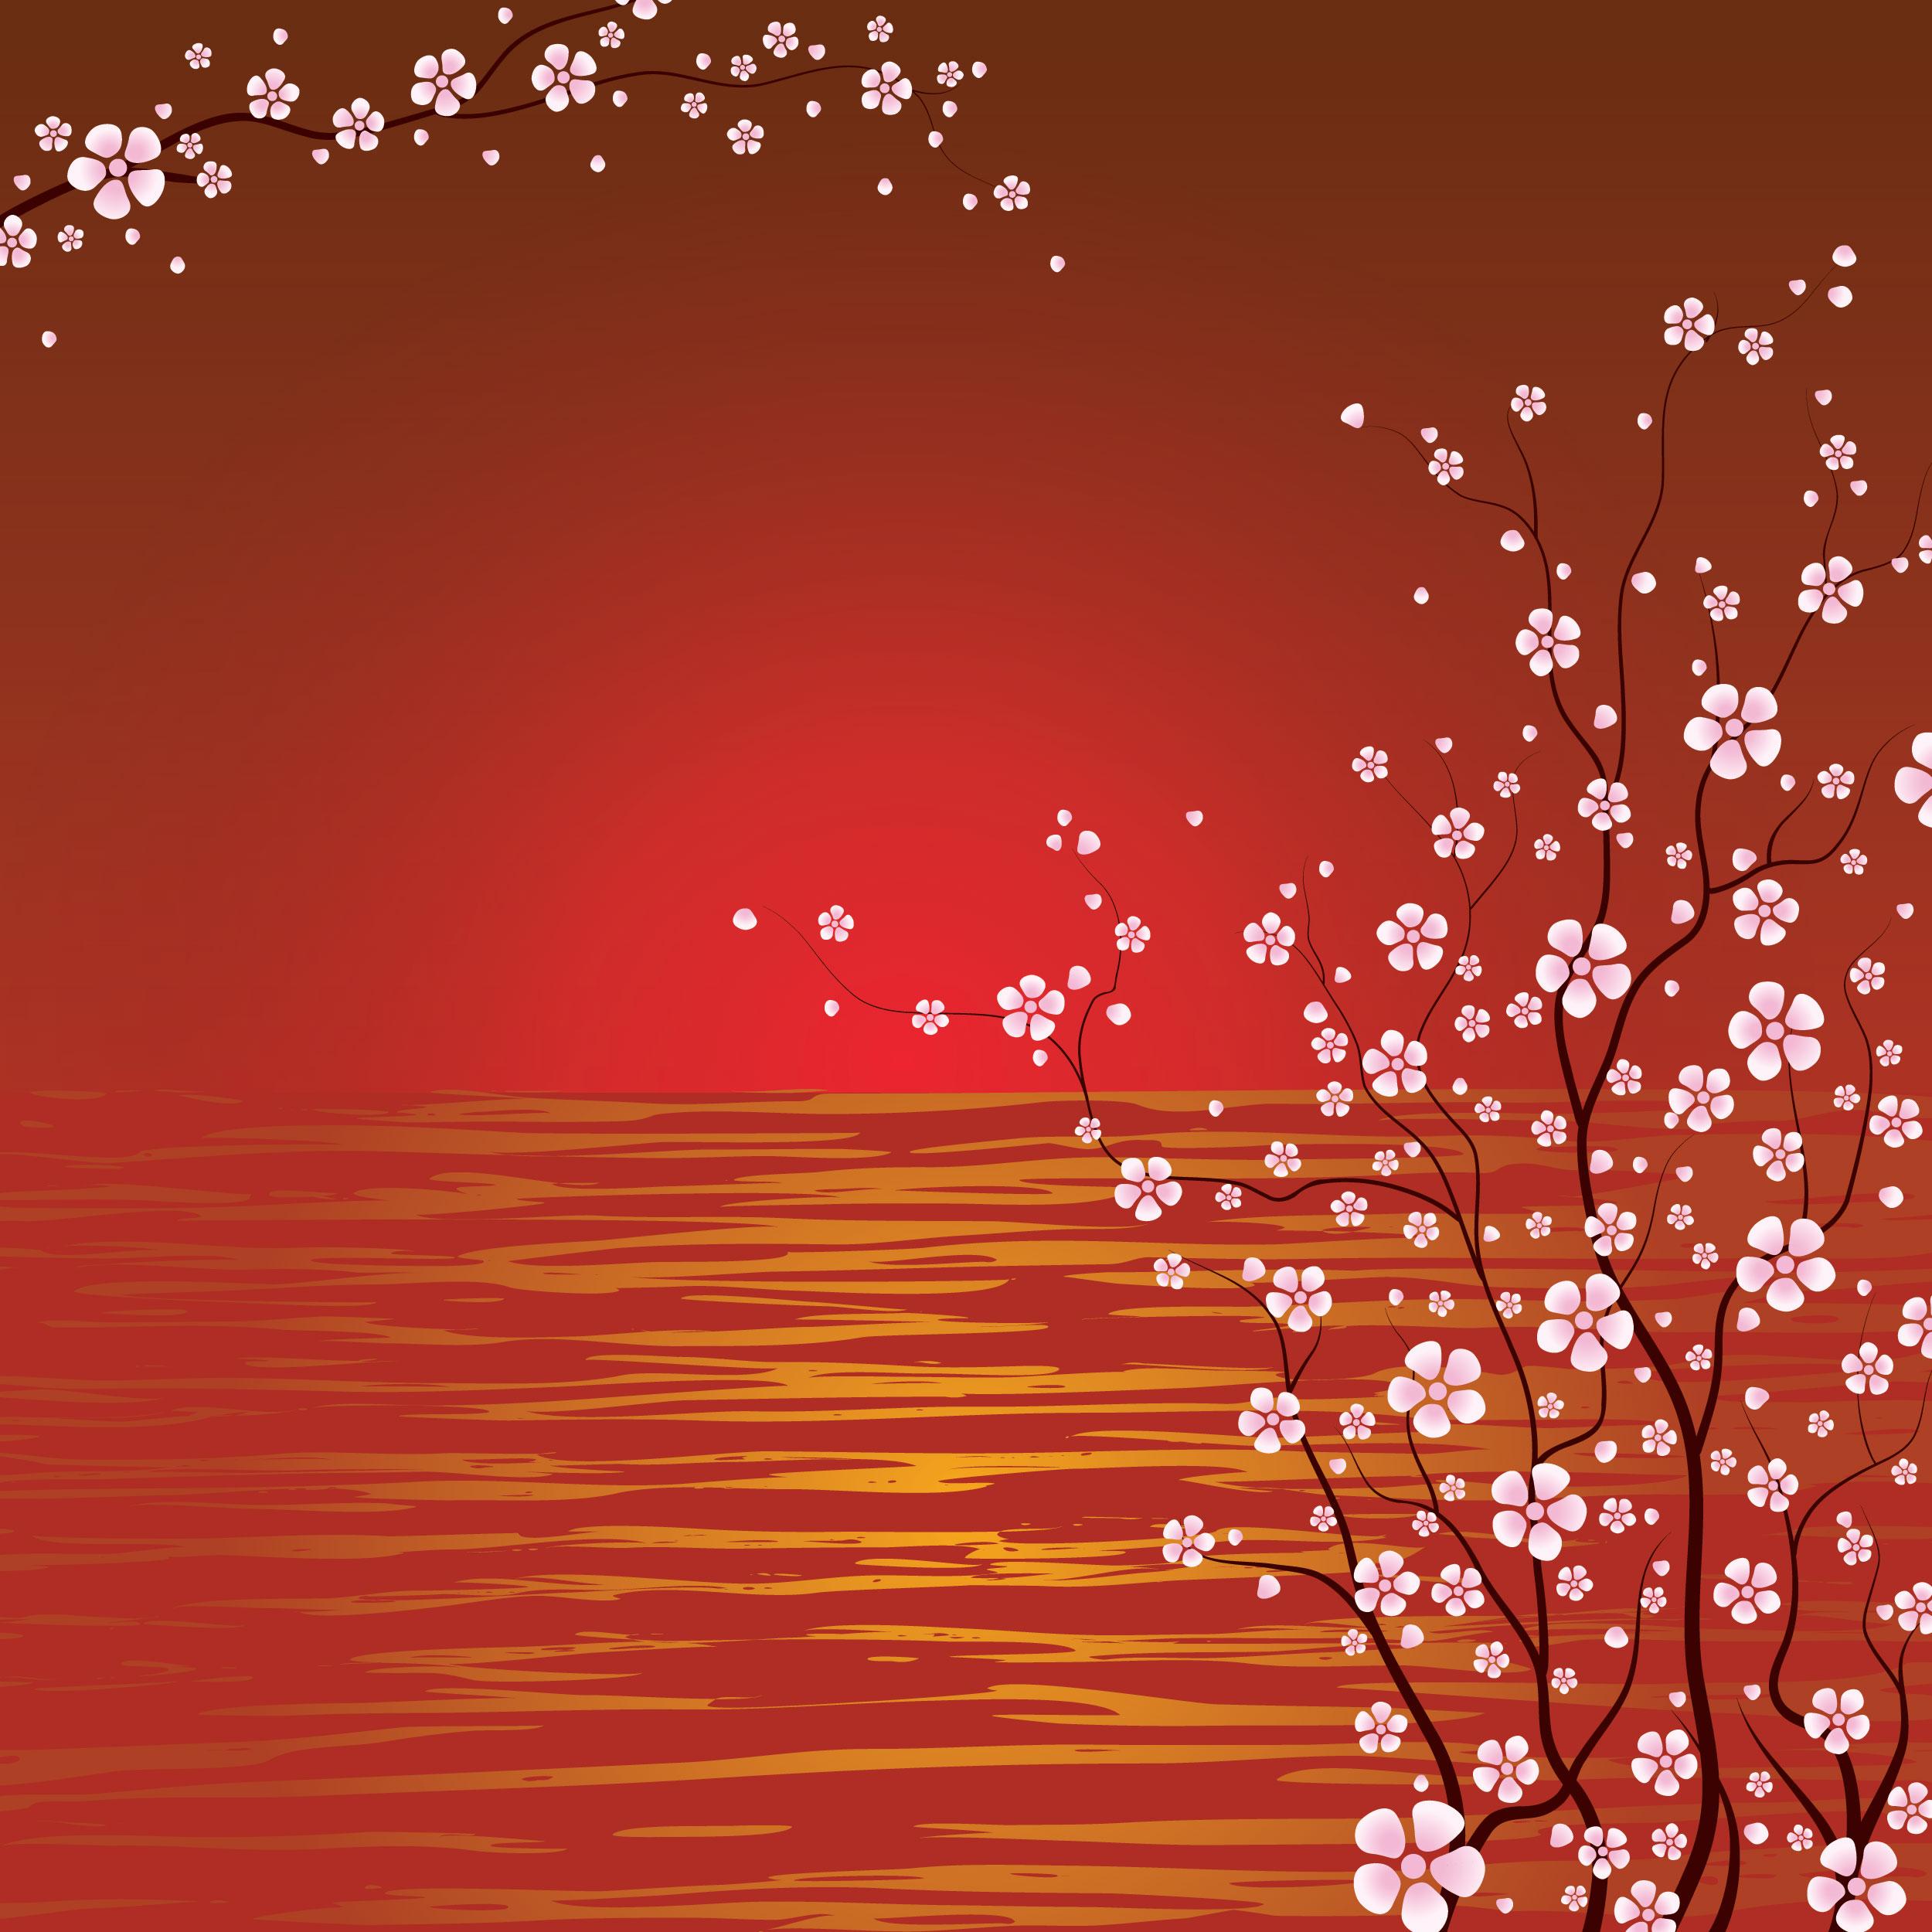 花のイラスト『壁紙・背景4』/無料のフリー素材集【百花繚乱】